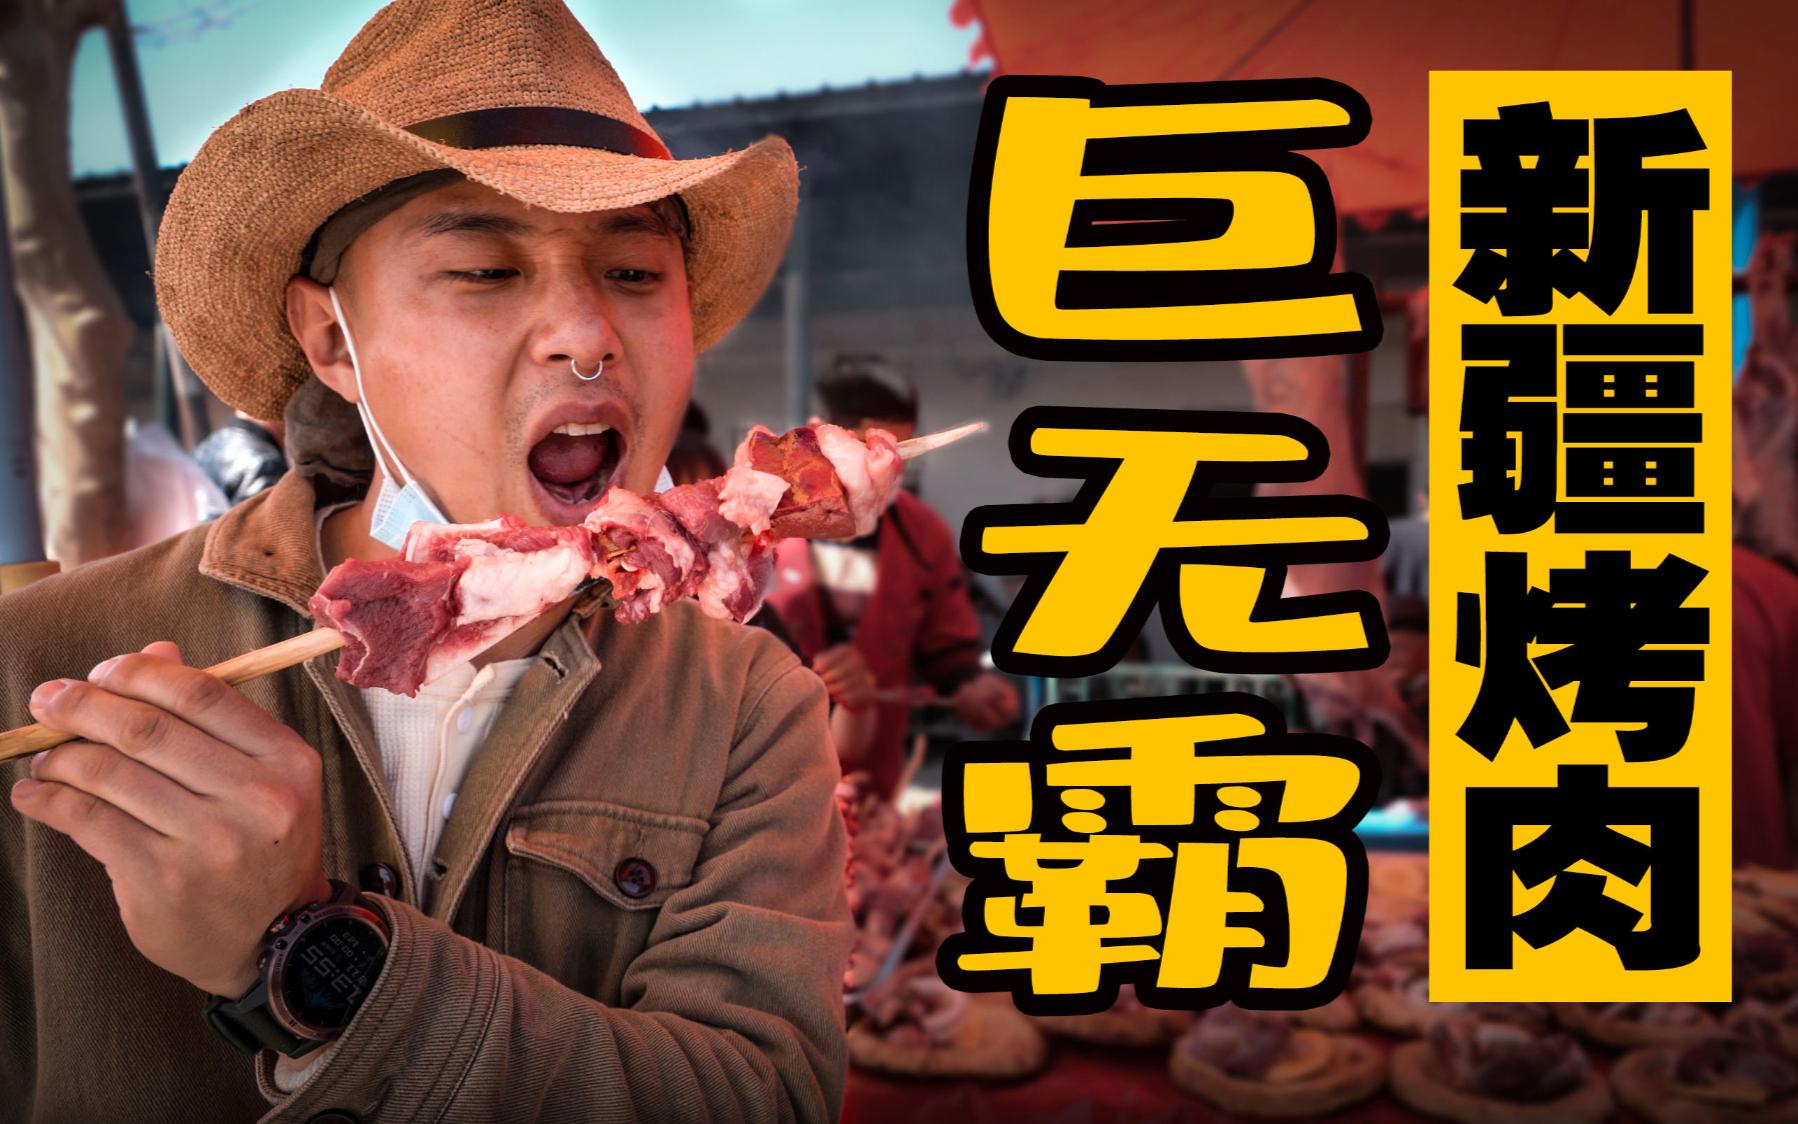 【新疆肉食之旅】在牛羊巴扎,撸一串巨无霸烤肉